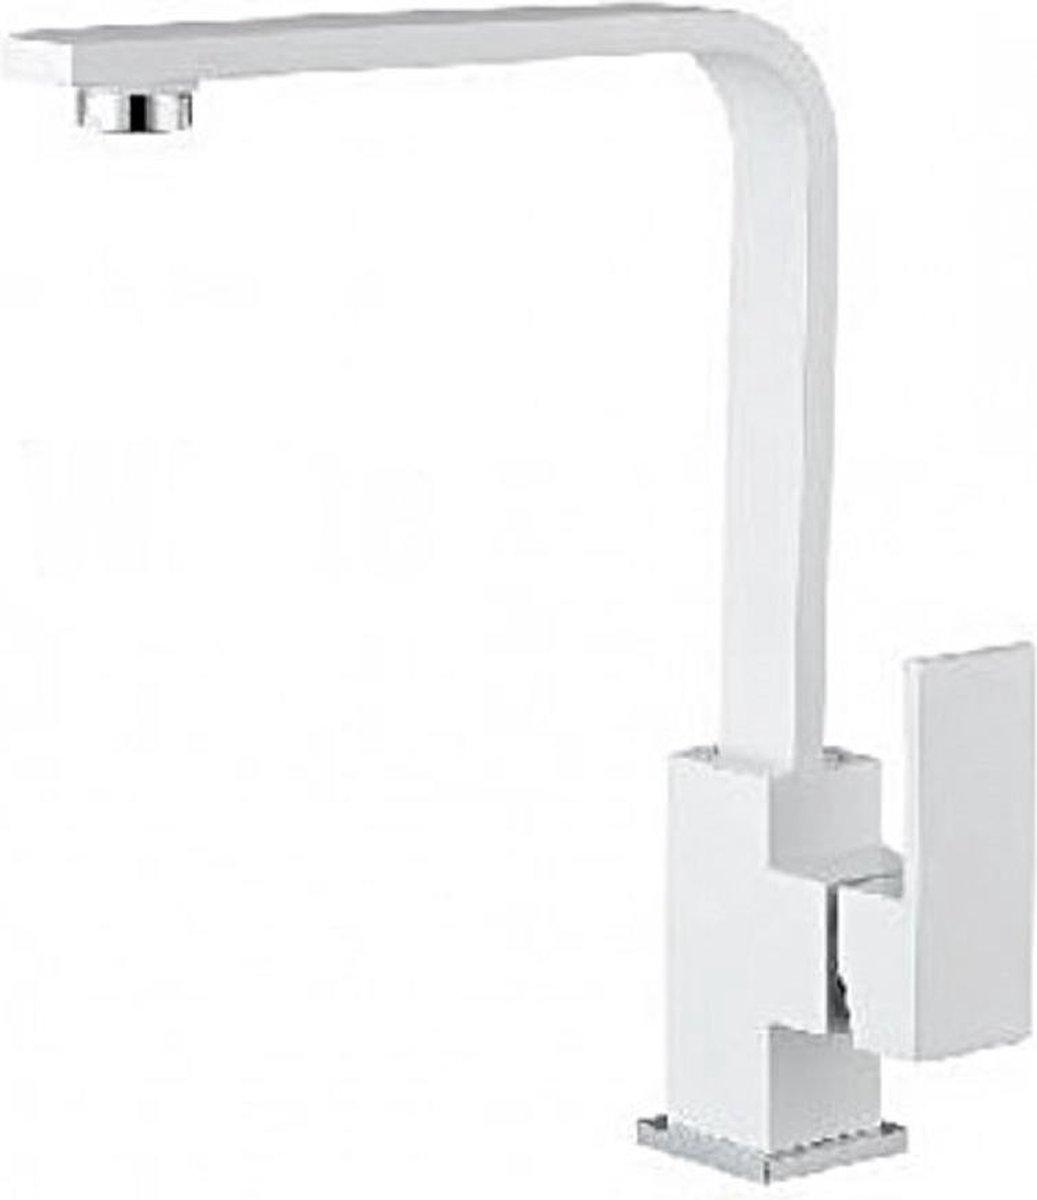 Keukenkraan WIT - Wastafelkraan - Hoge uitloop - Draaibaar - ALASKA - Modern Strakke Design